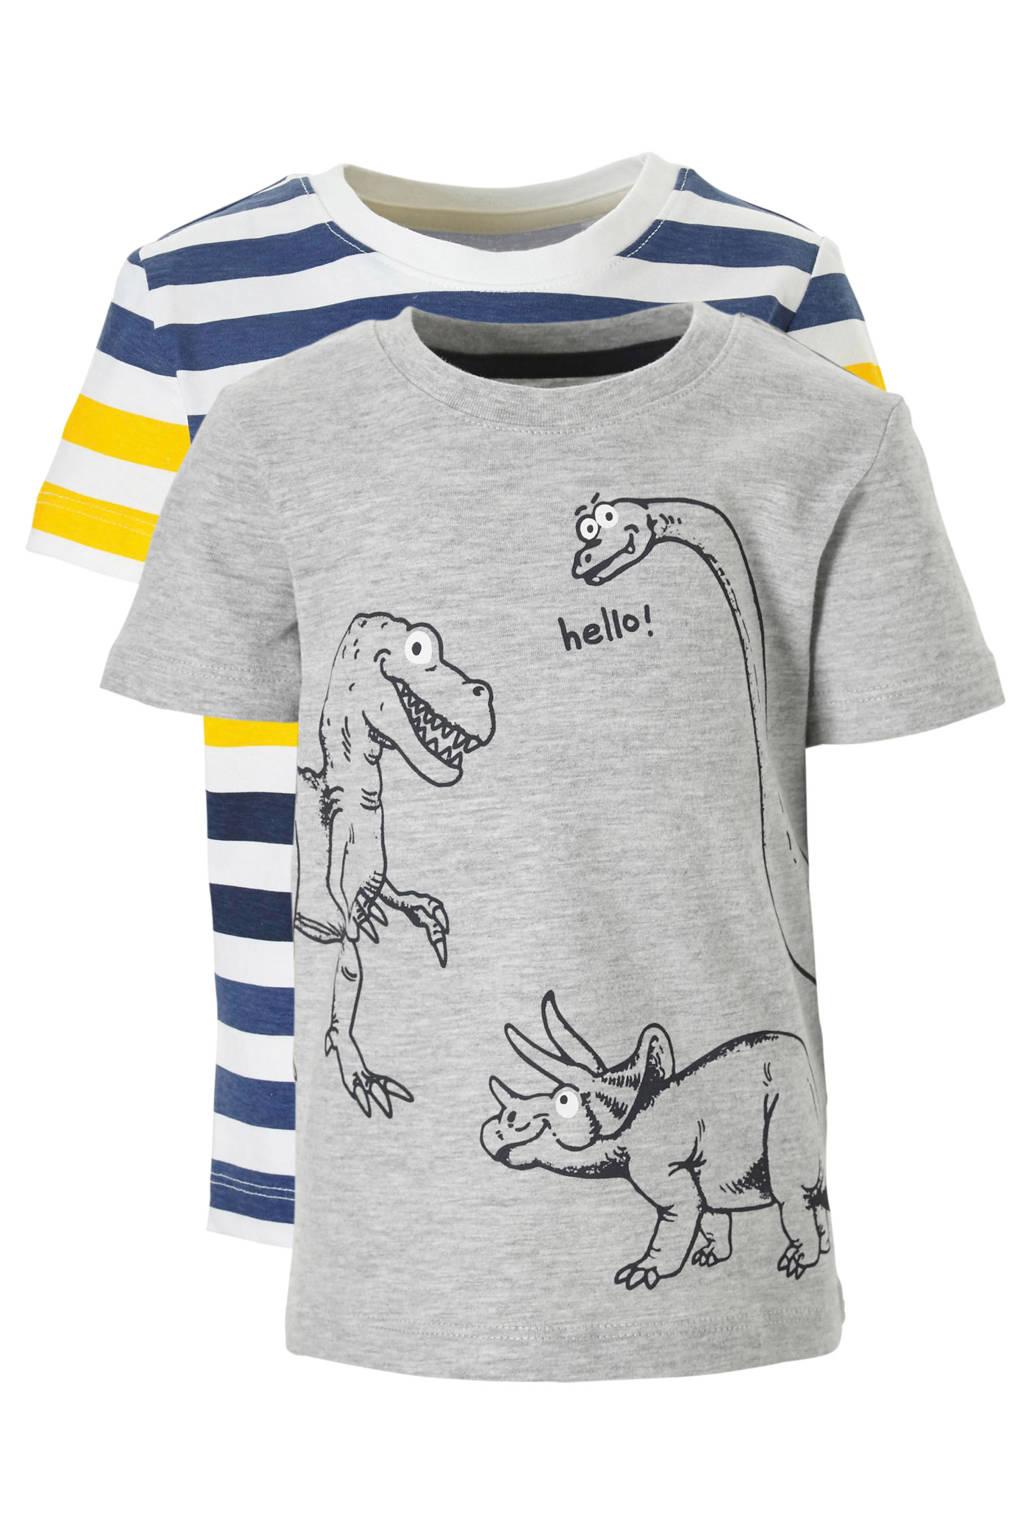 C&A Palomino T-shirt met dino's - set van 2, Grijs/geel/wit/blauw